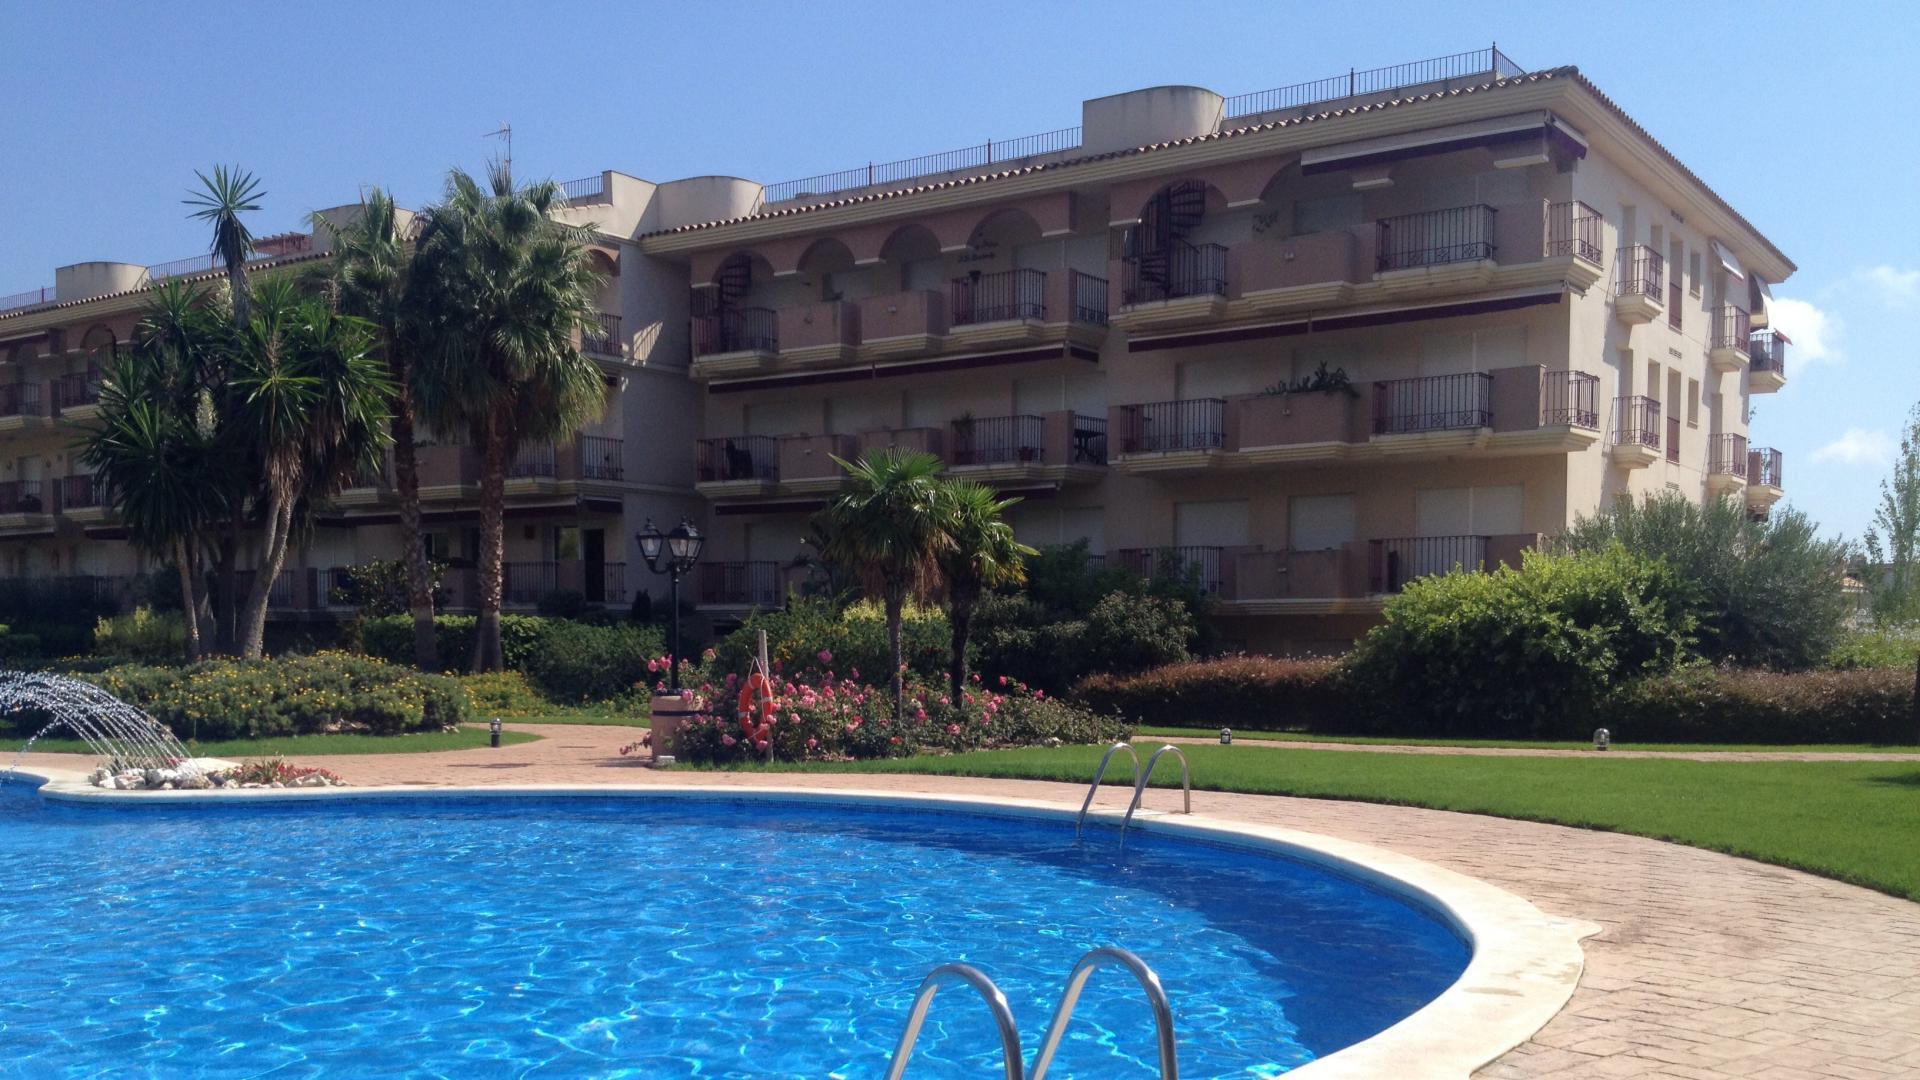 Apartamento -                                       Sant Carles De La Rapita -                                       3 dormitorios -                                       6 ocupantes